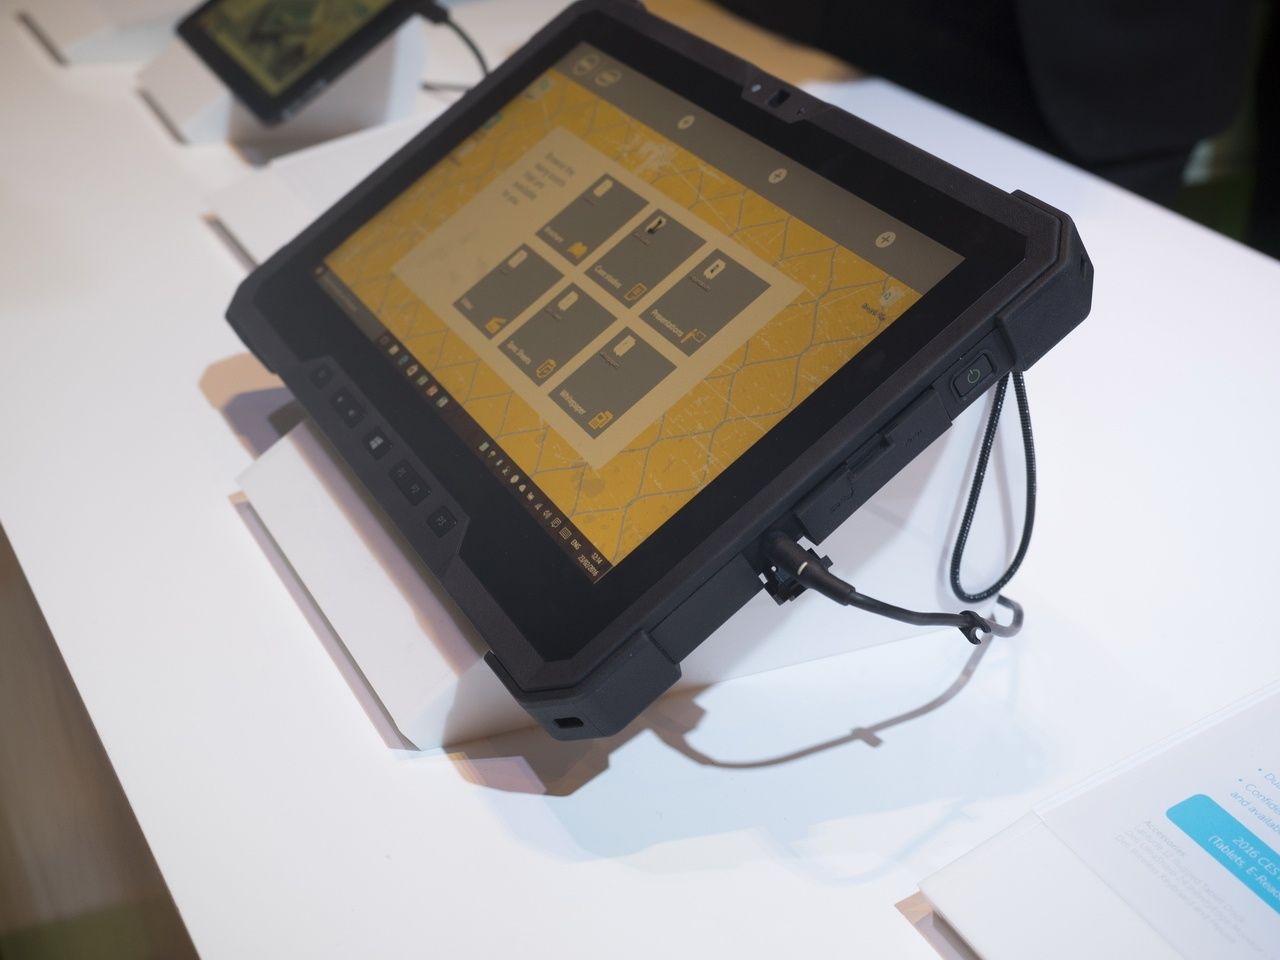 Dell на Mobile World Congress: подготовка к эпохе IoT, модульные дата-центры, OEM-решения и защищенный планшет - 7